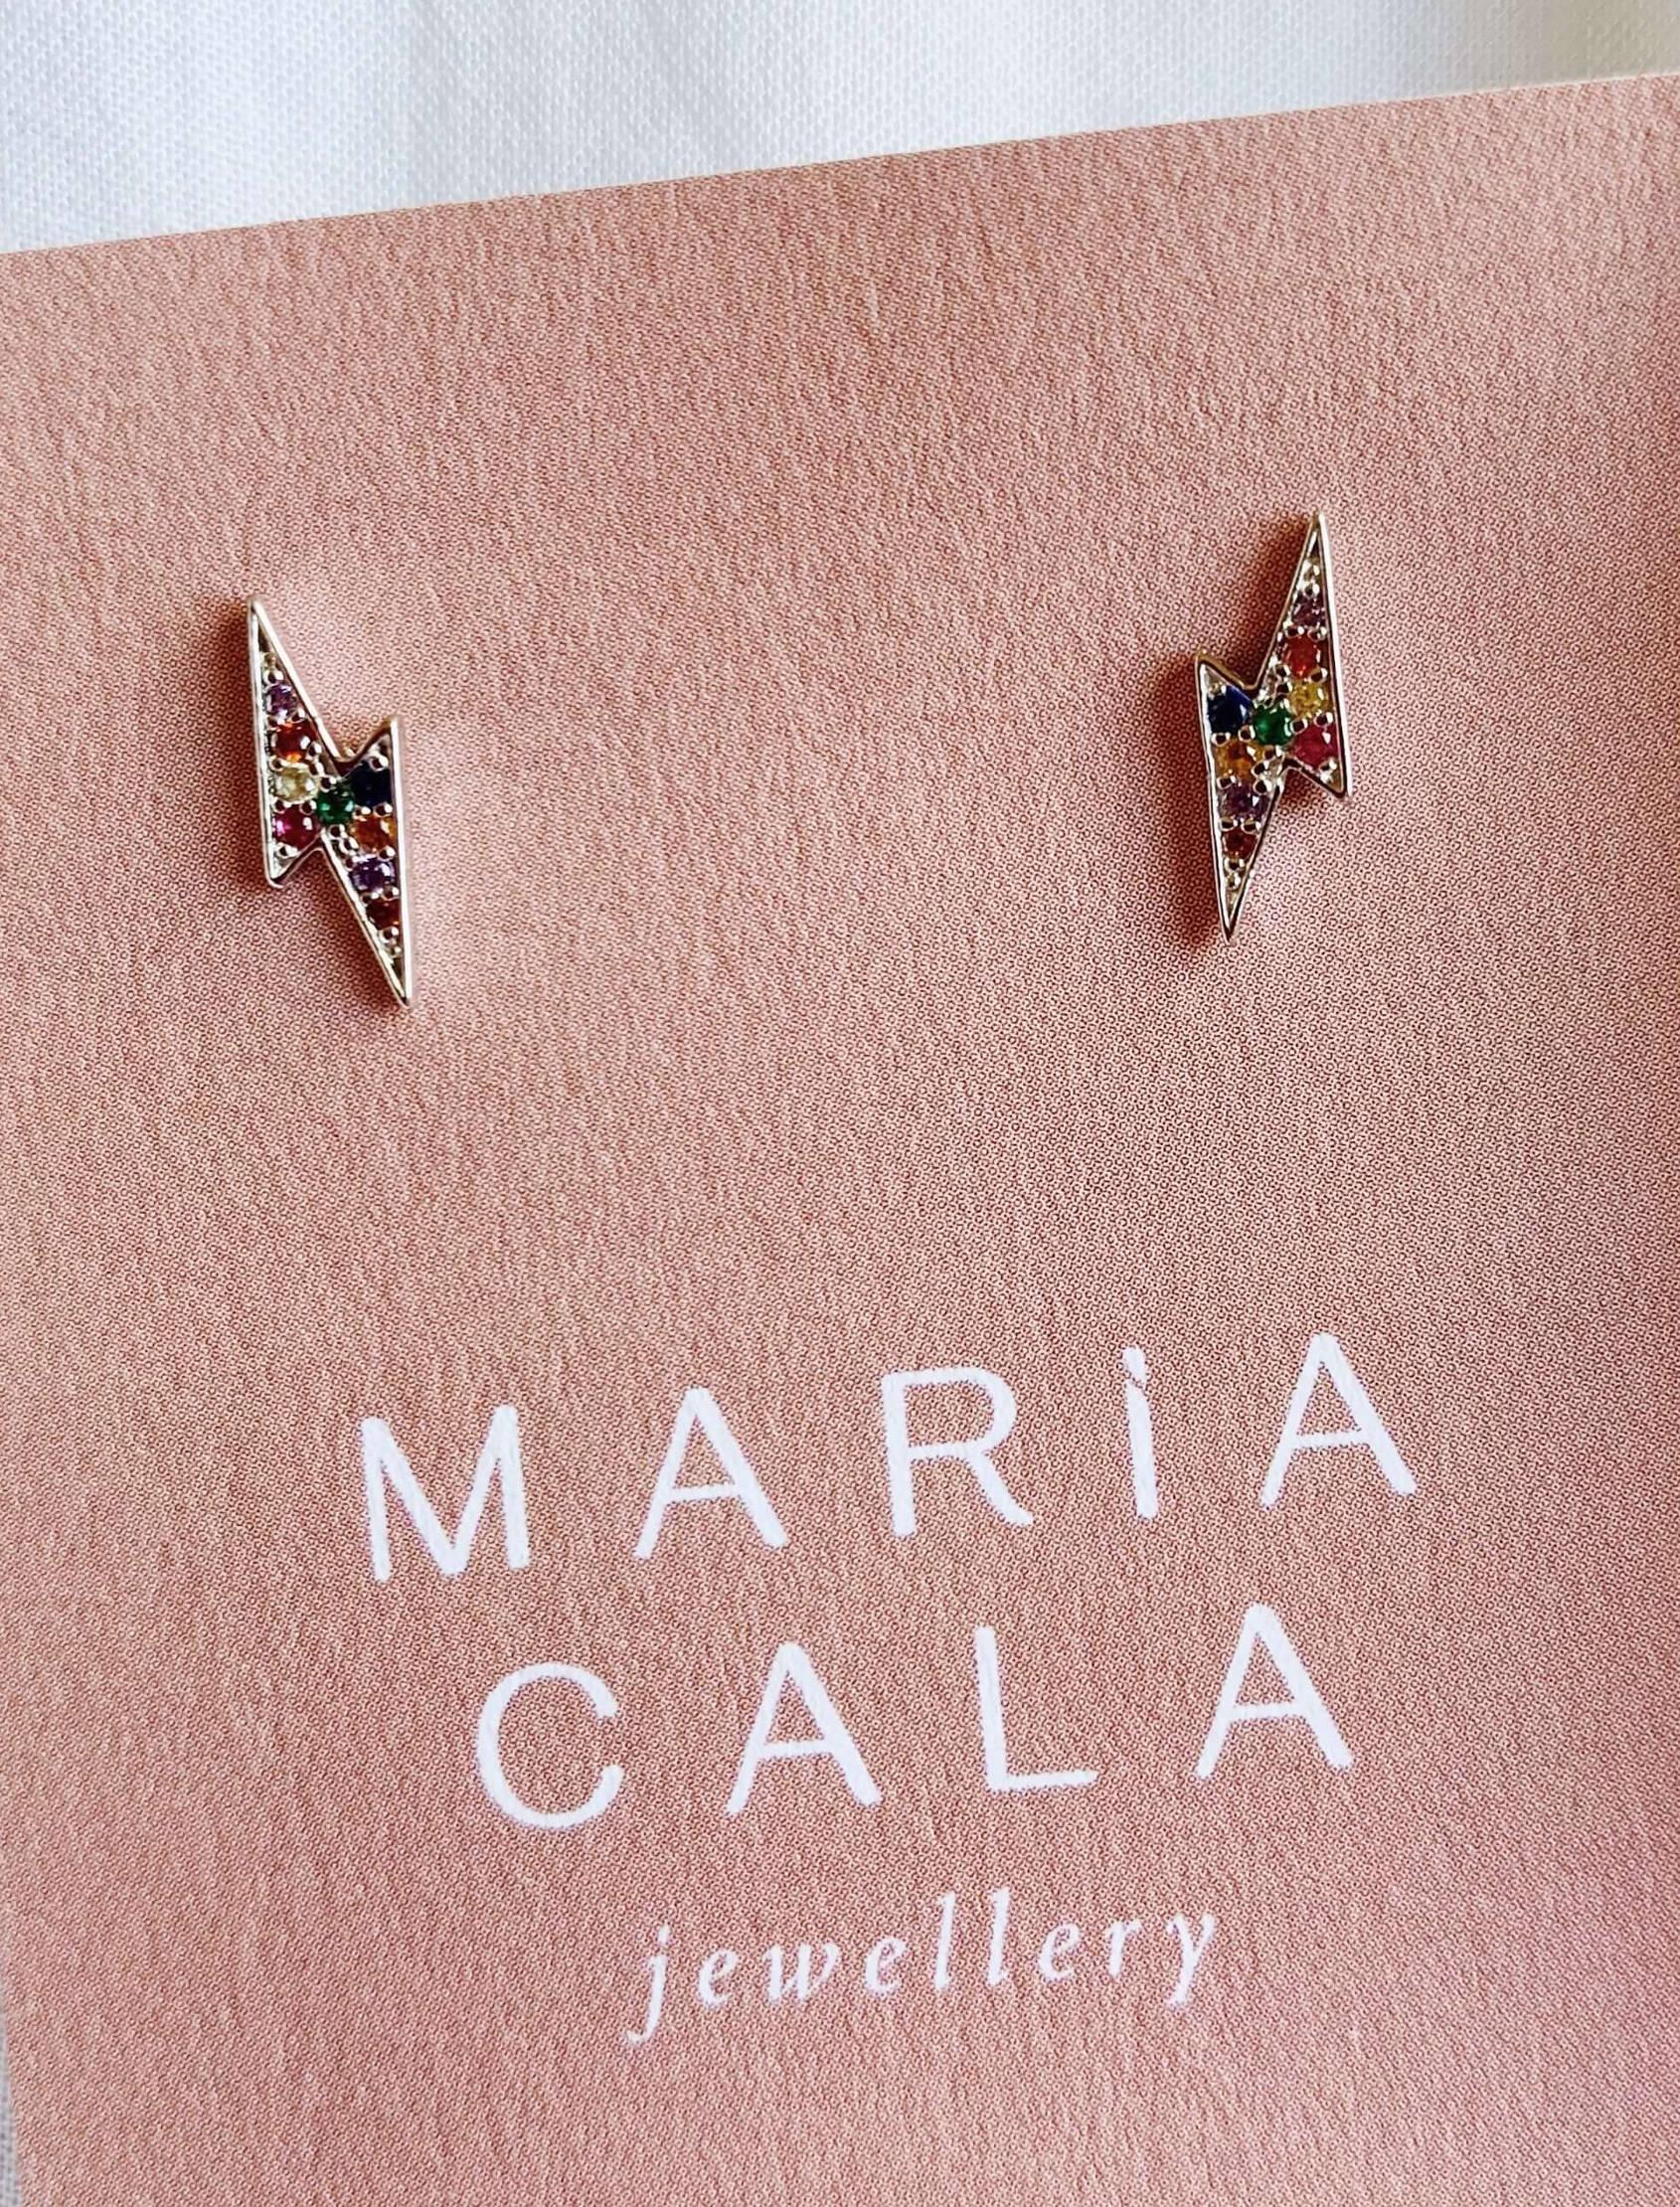 Pendiente de plata en forma de trueno con circonitas con toques de color. Perfecta combinación de la mano de Maria Cala.